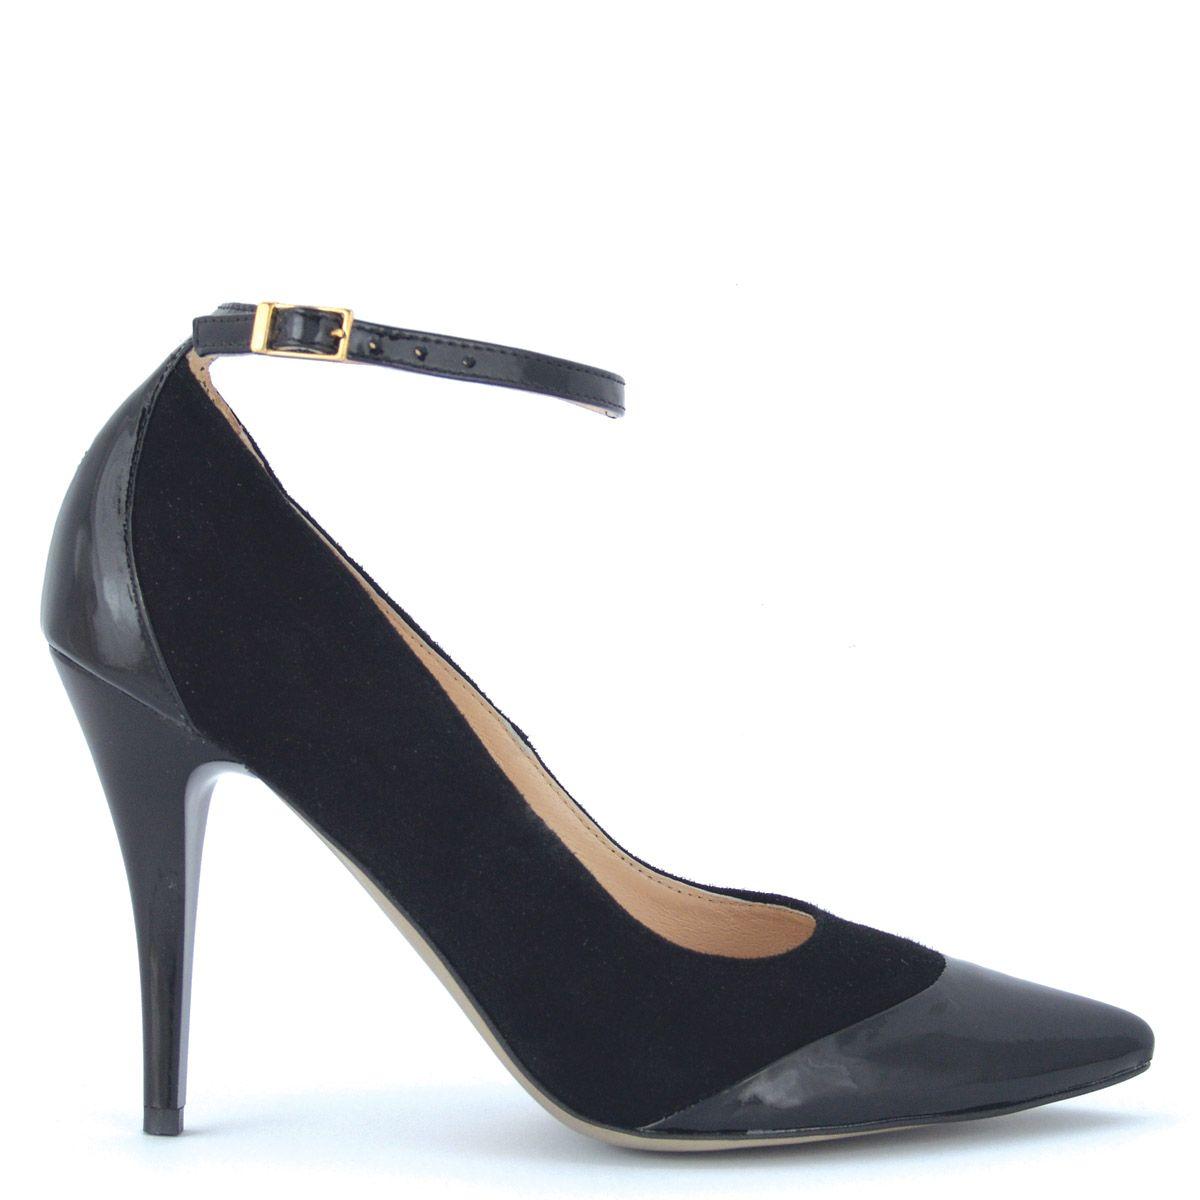 b927a952caee Pin by Attila Rajcsányi on Shoes | Shoes, Kitten heels, Heels